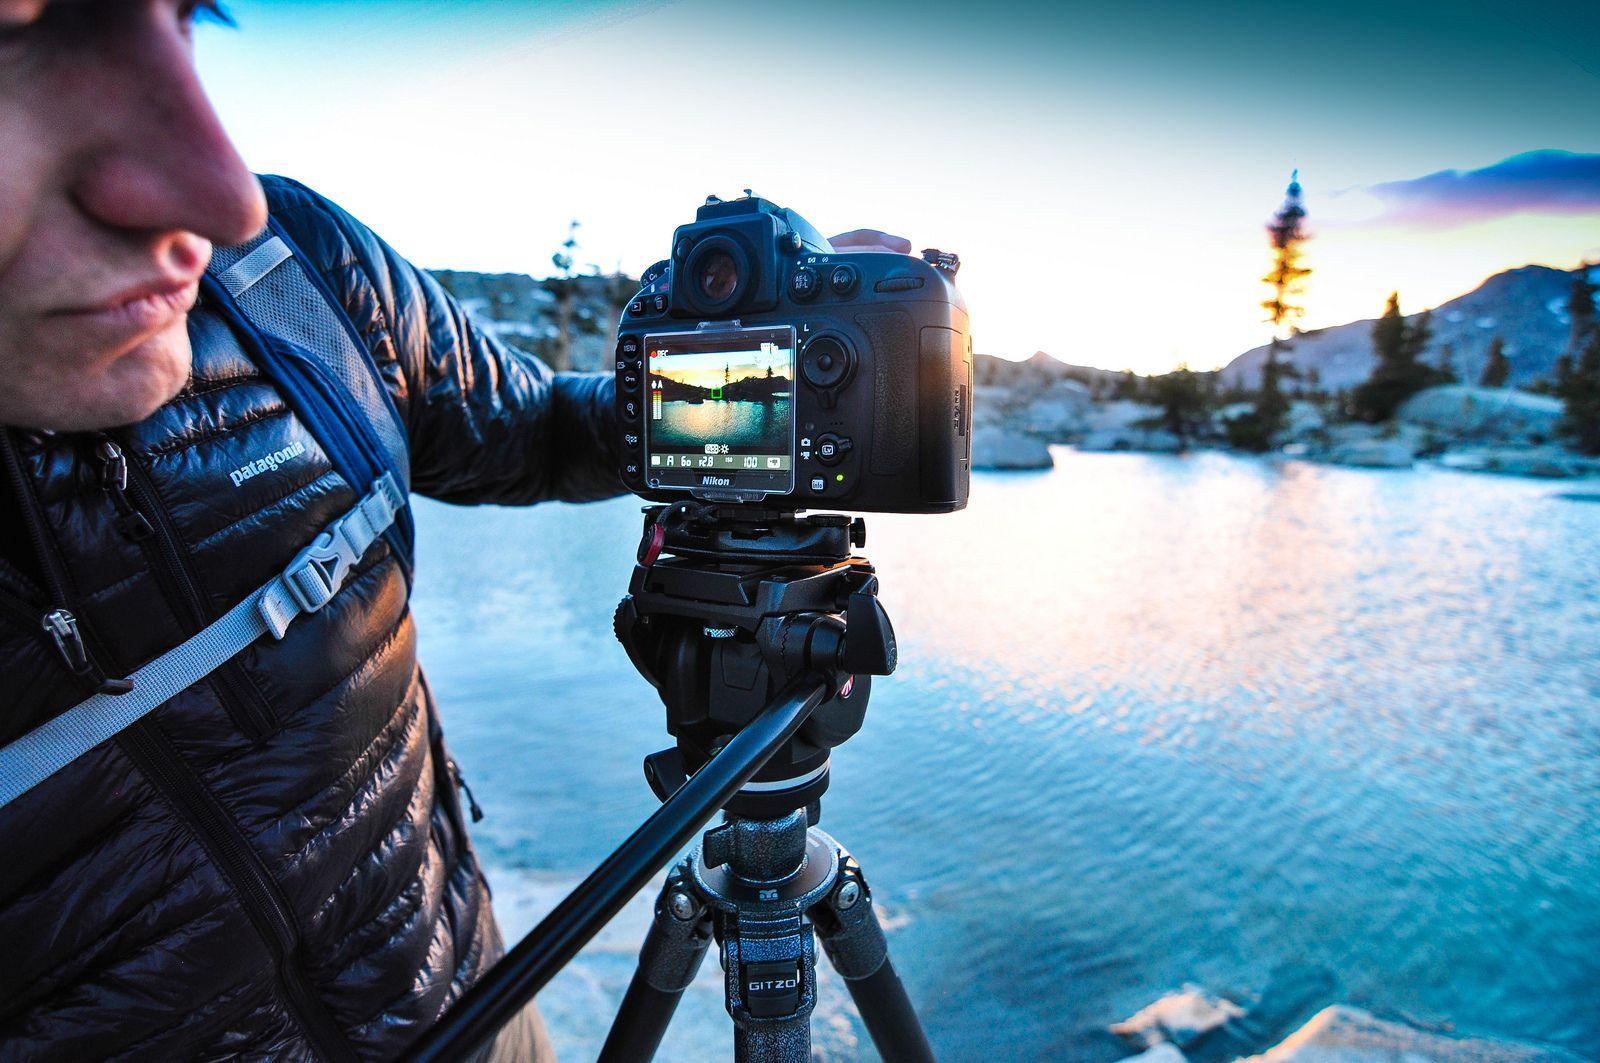 главные достоинства как пользоваться штативом при фотографировании камень приобрел